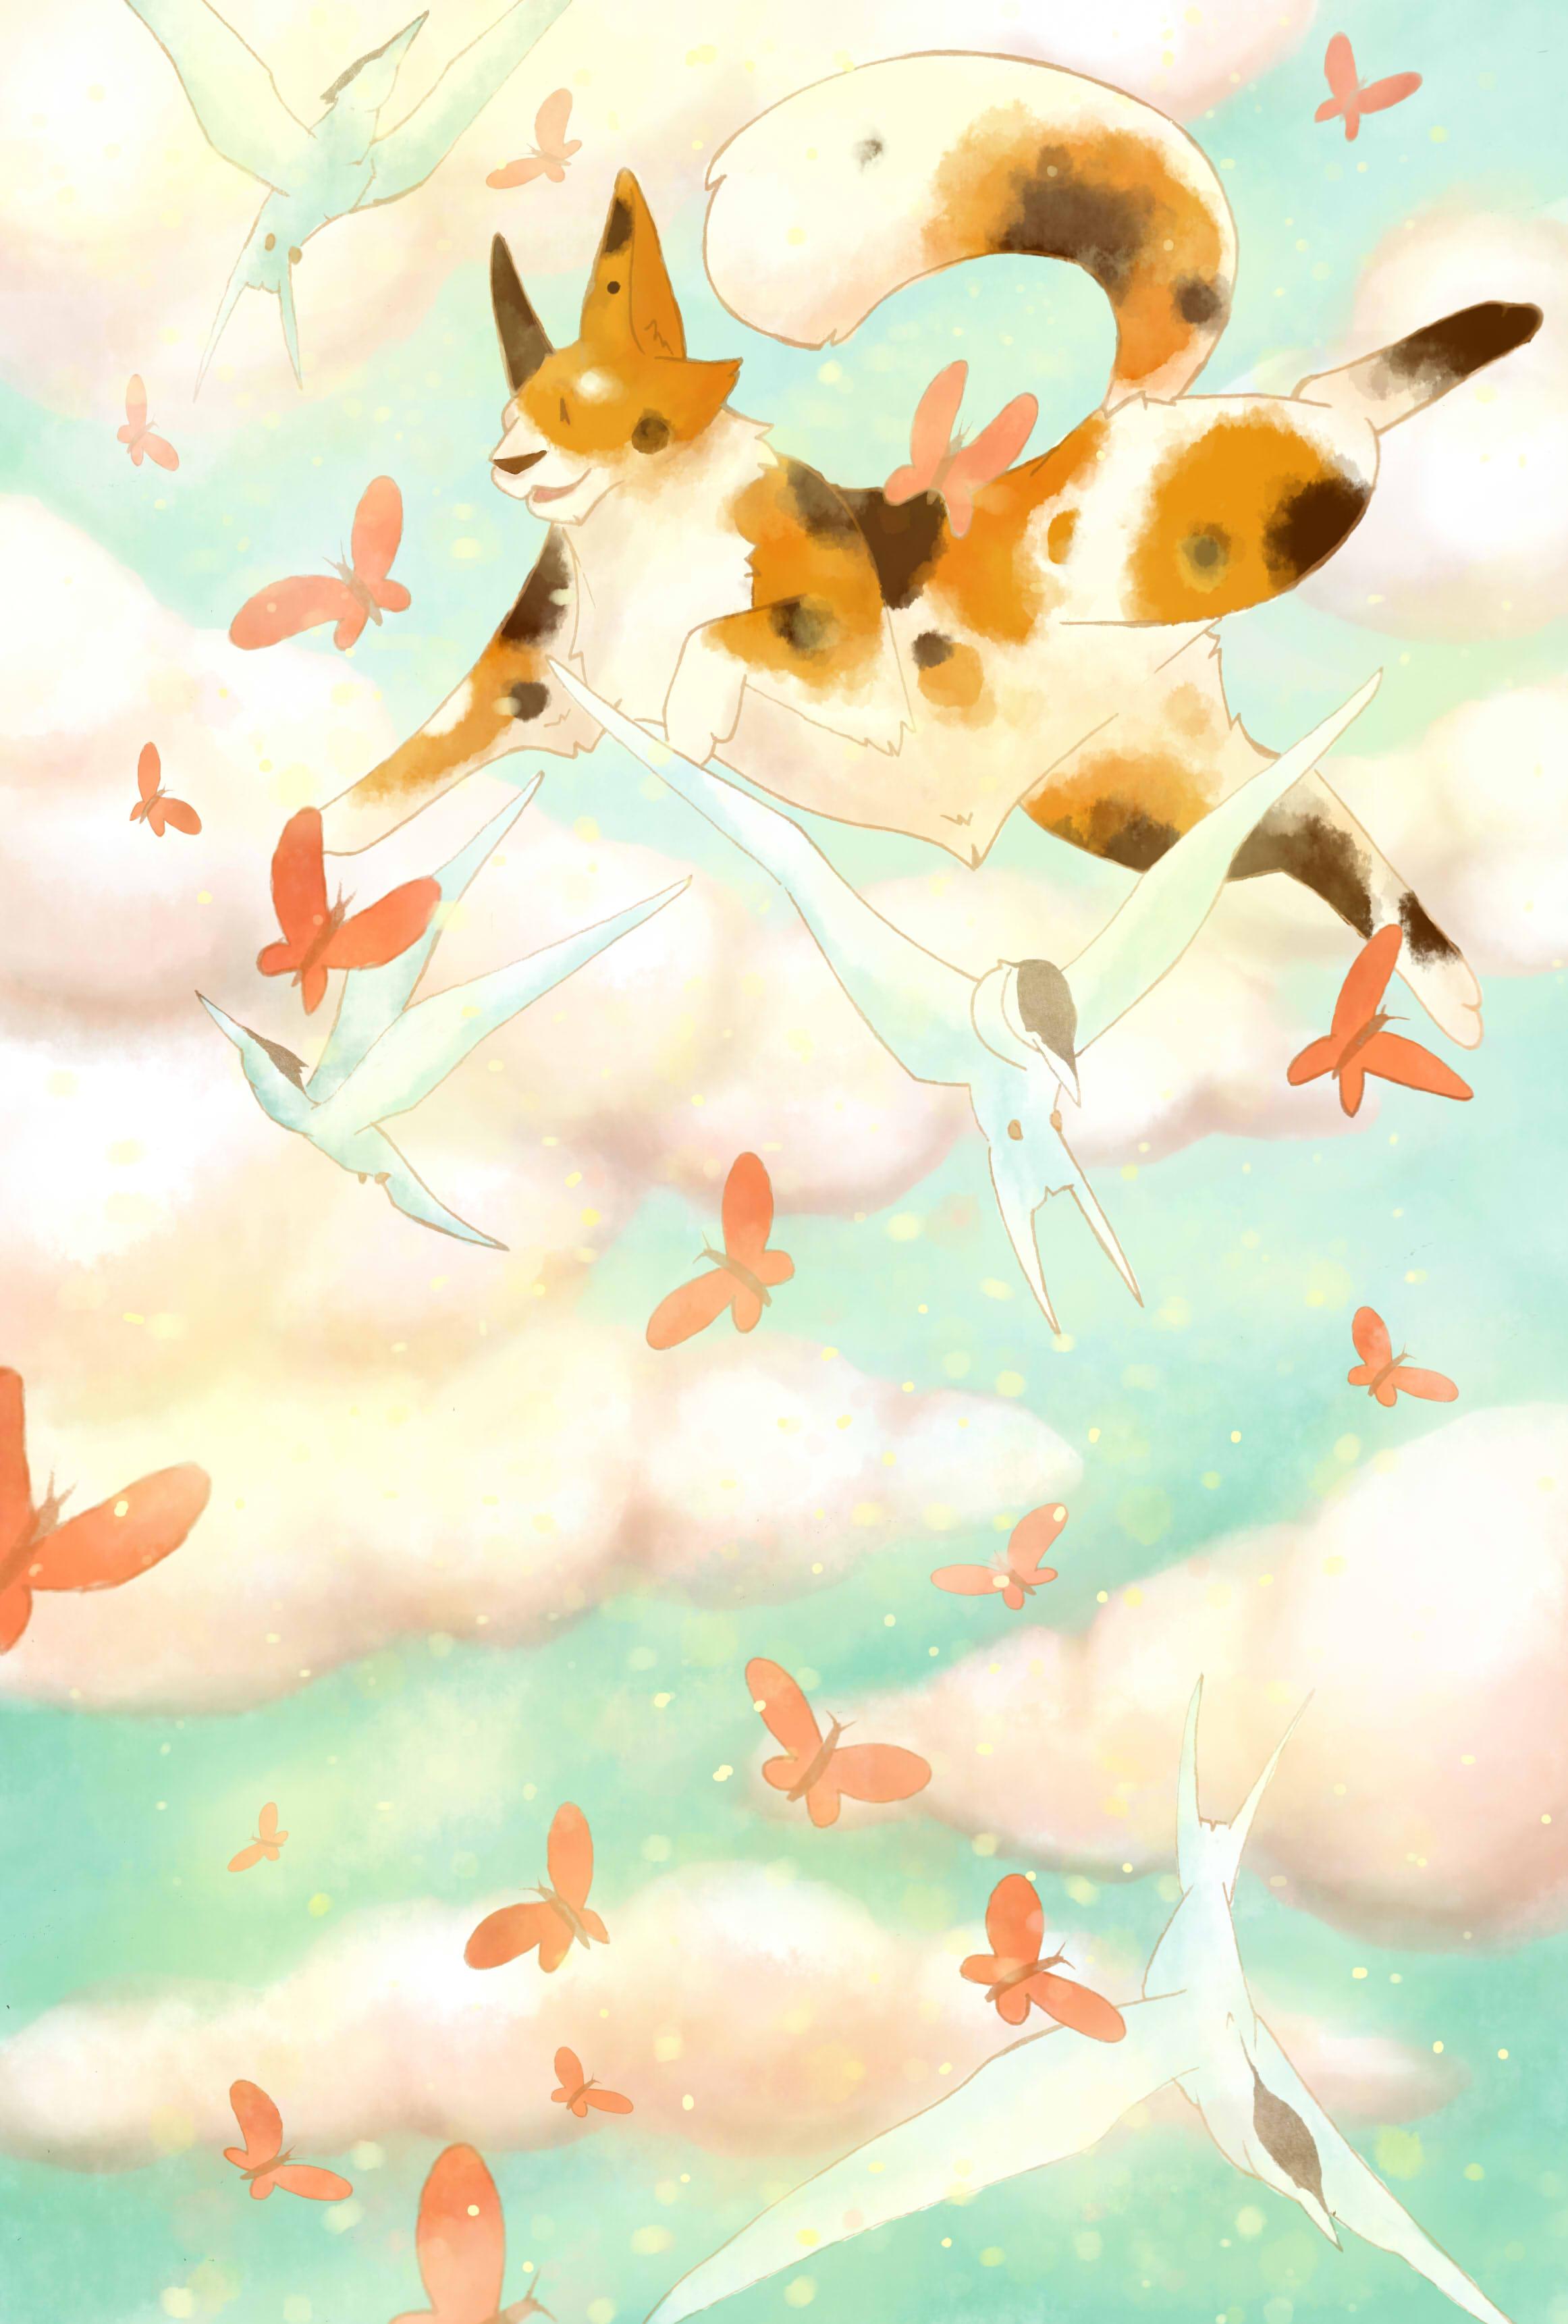 Nini's adventure. digital illustration.